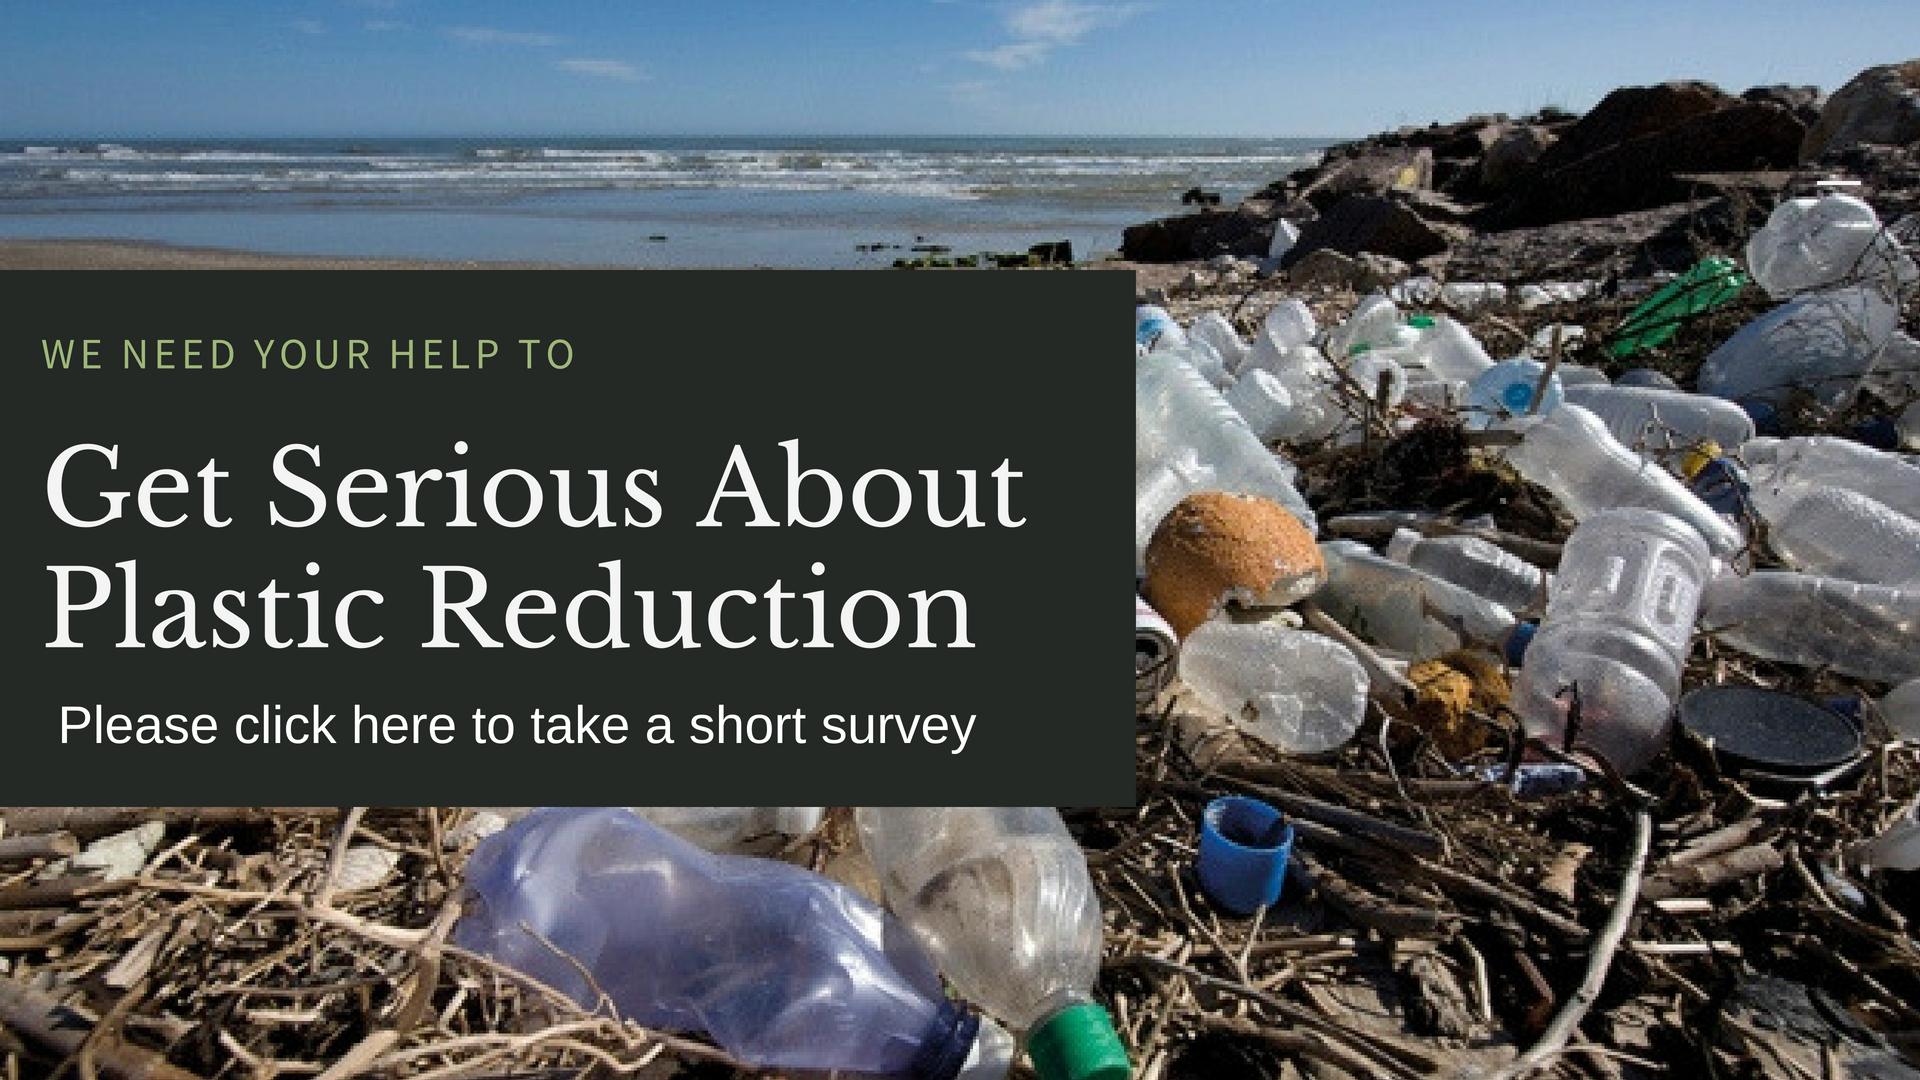 Help us Reduce Plastic Waste